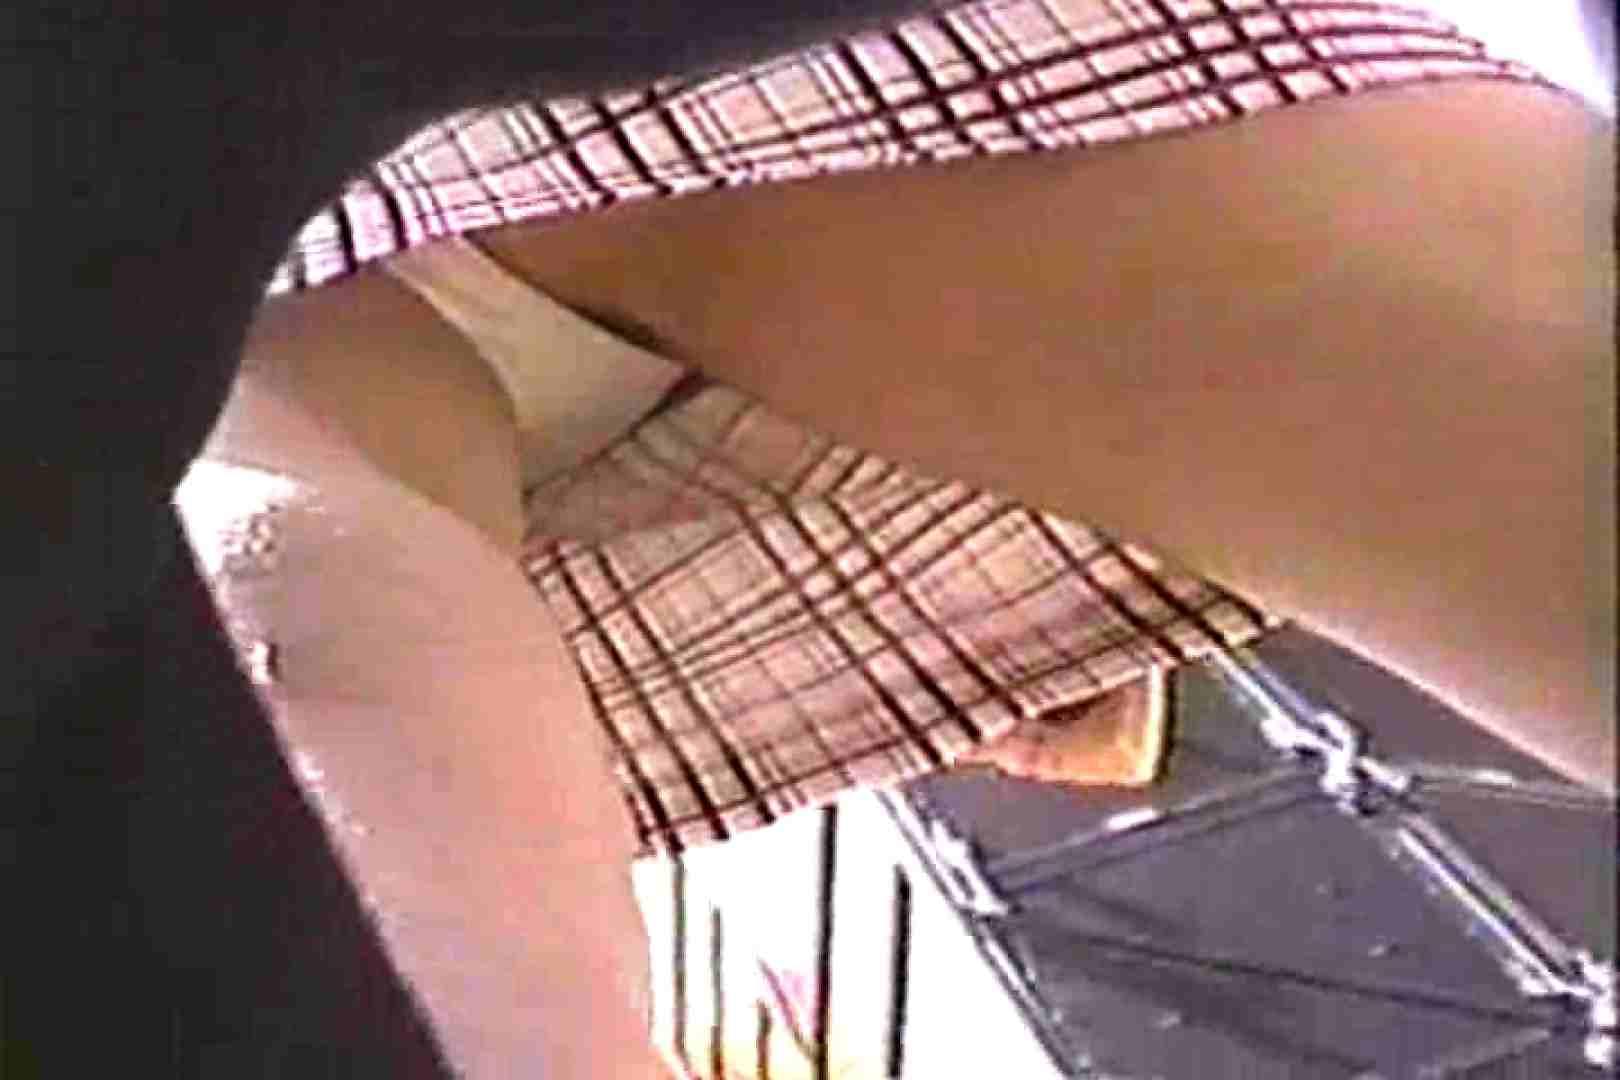 「ちくりん」さんのオリジナル未編集パンチラVol.1_01 チラ  95画像 78